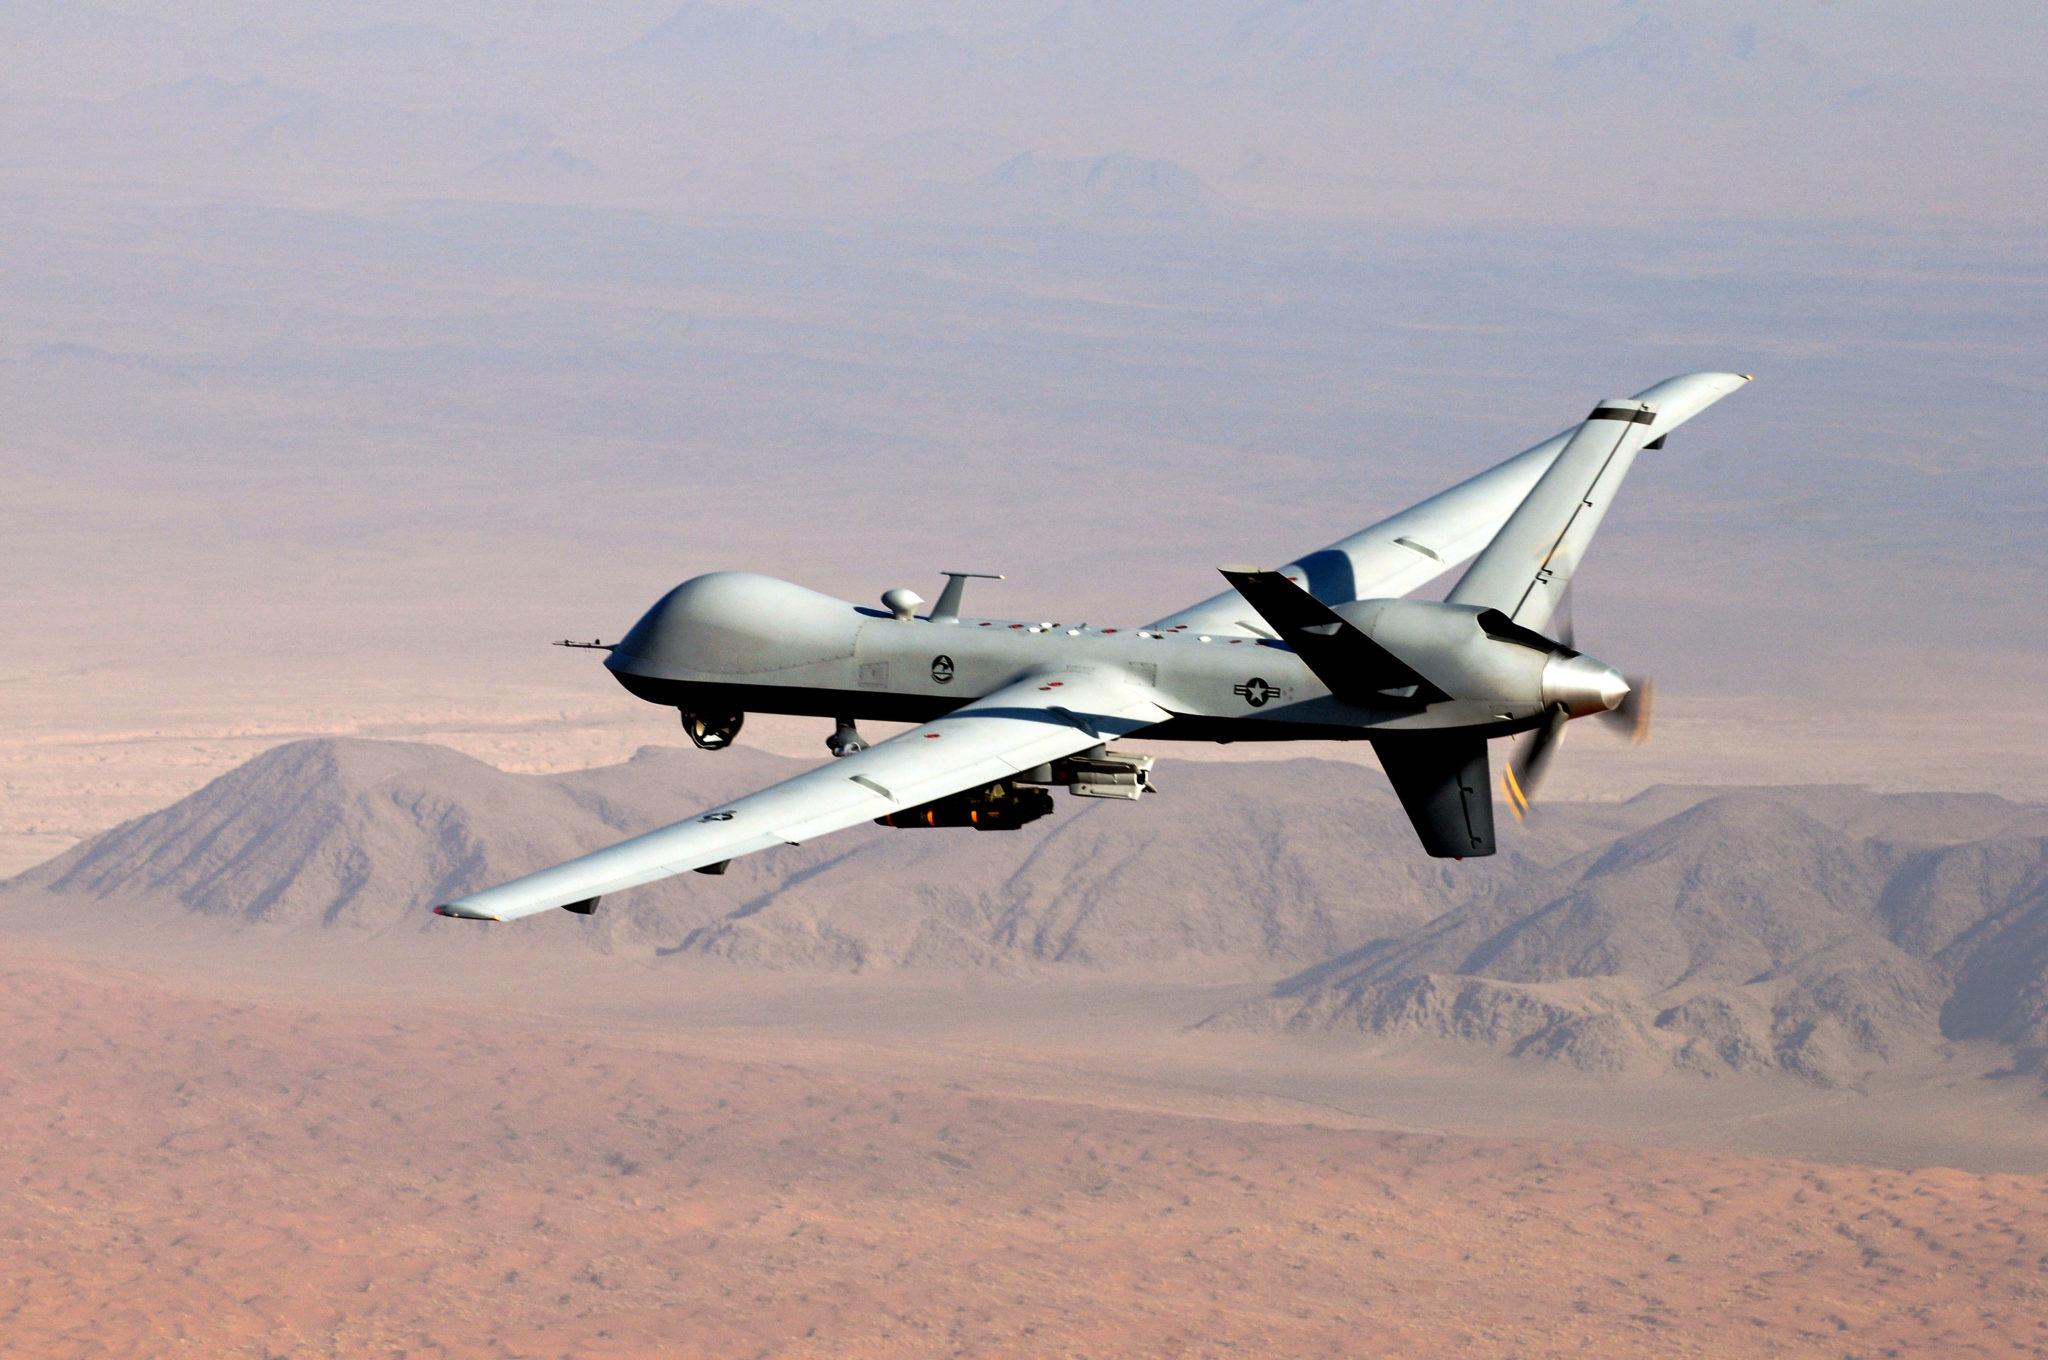 Eine unbemannte Drohne des Typs MQ-9 Reaper fliegt eine Mission über dem südlichen Afghanistan. Auch diese Roboter können sowohl ferngesteuert wie autonom agieren.